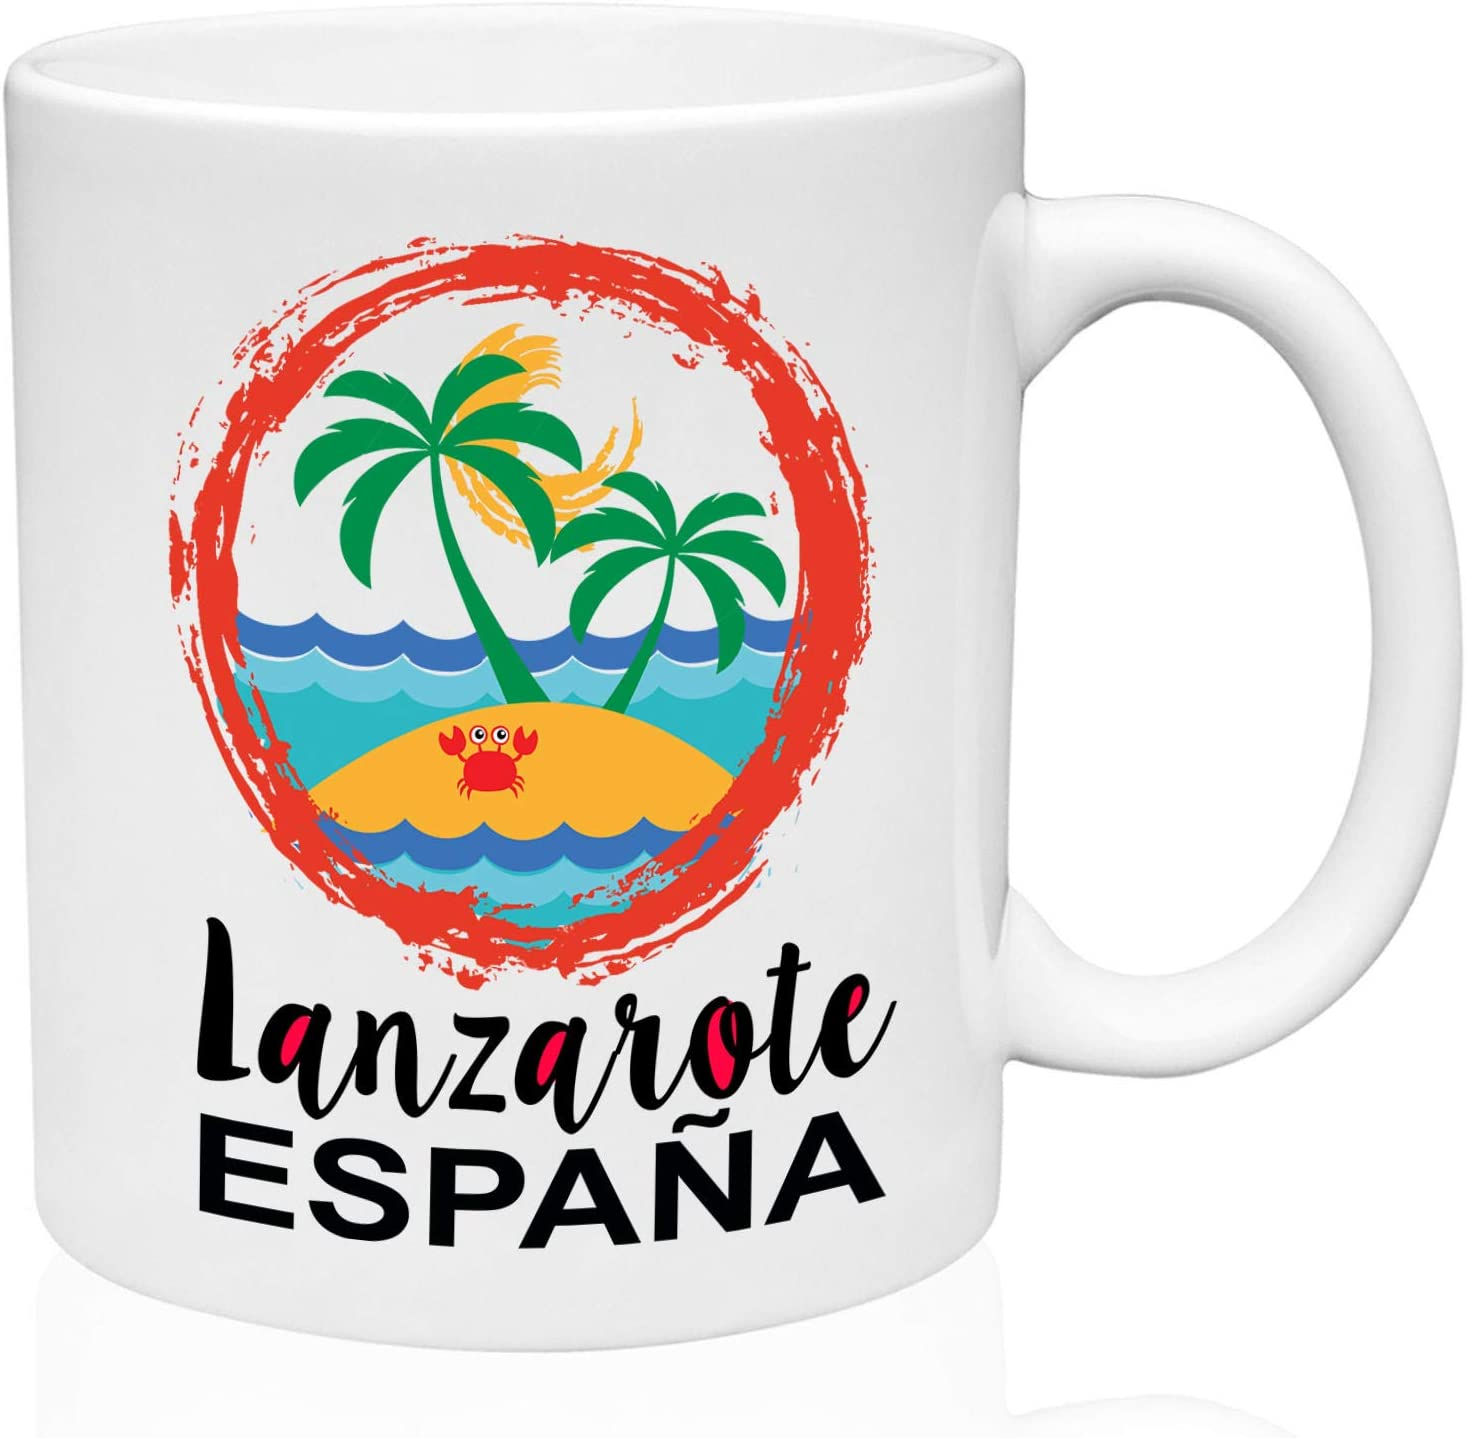 Lanzarote Canary Islands 11oz Taza de café de cerámica de alta calidad: Amazon.es: Hogar